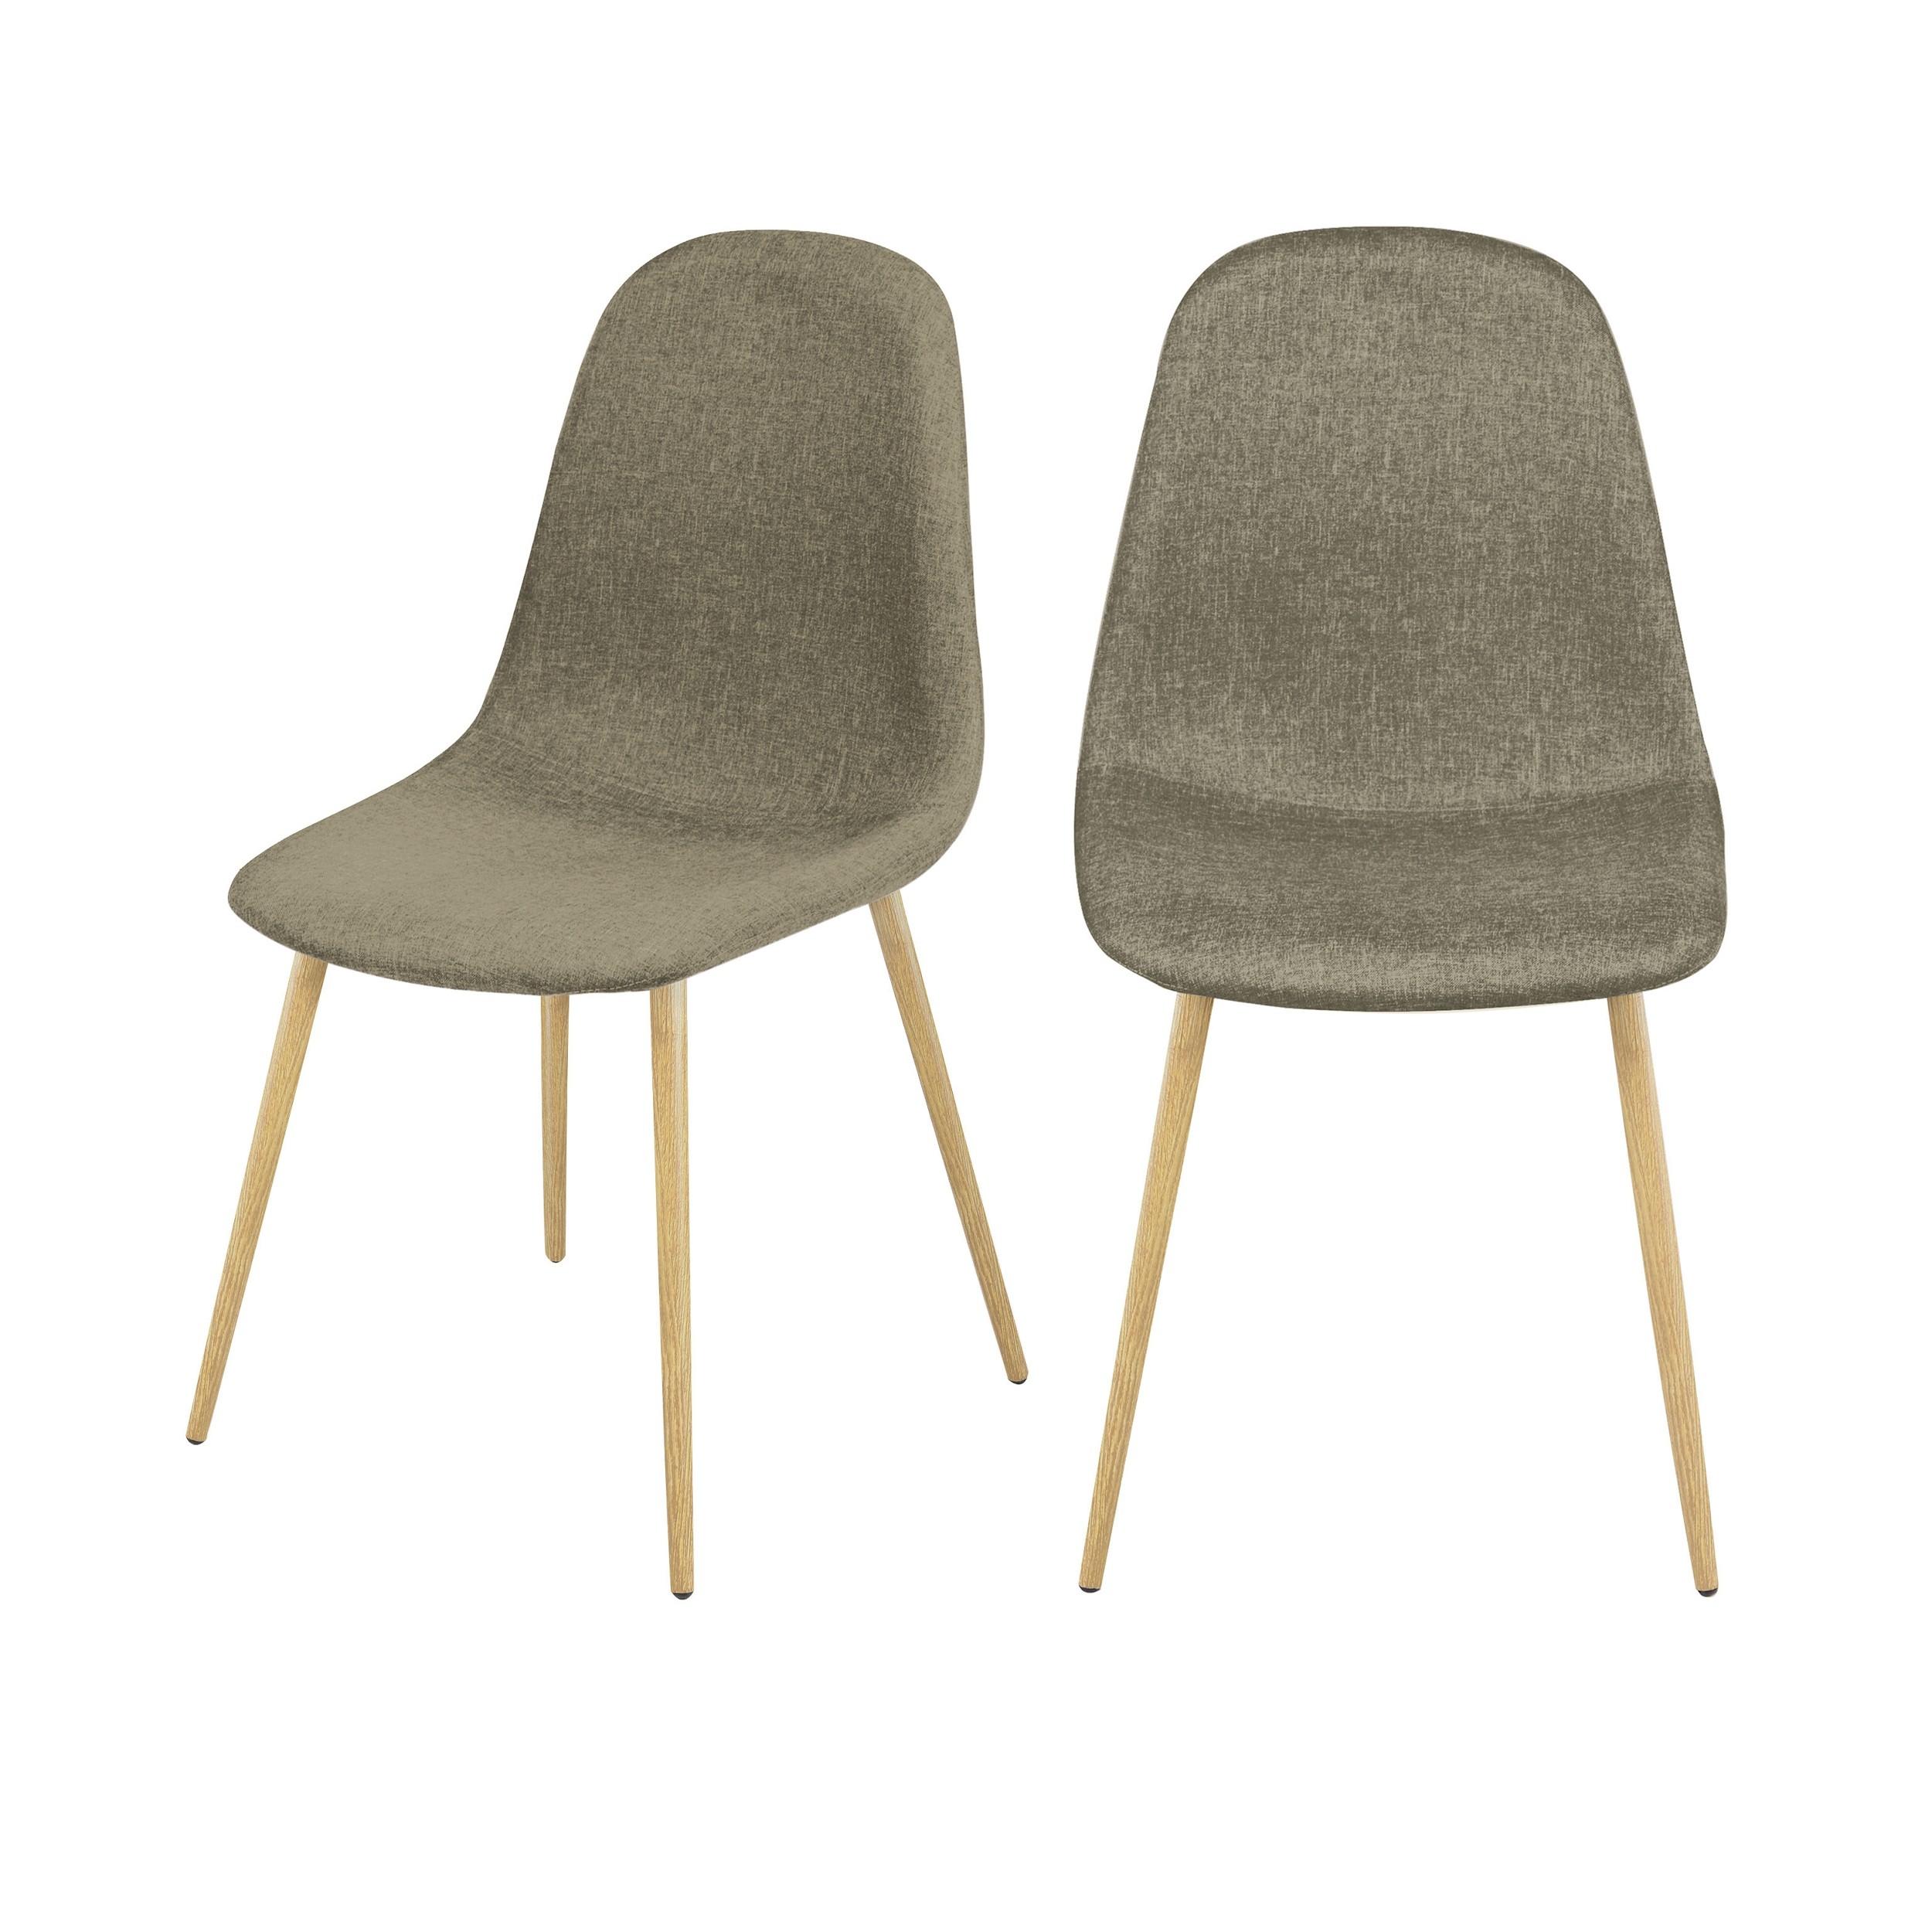 acheter chaise lot de 2 taupe